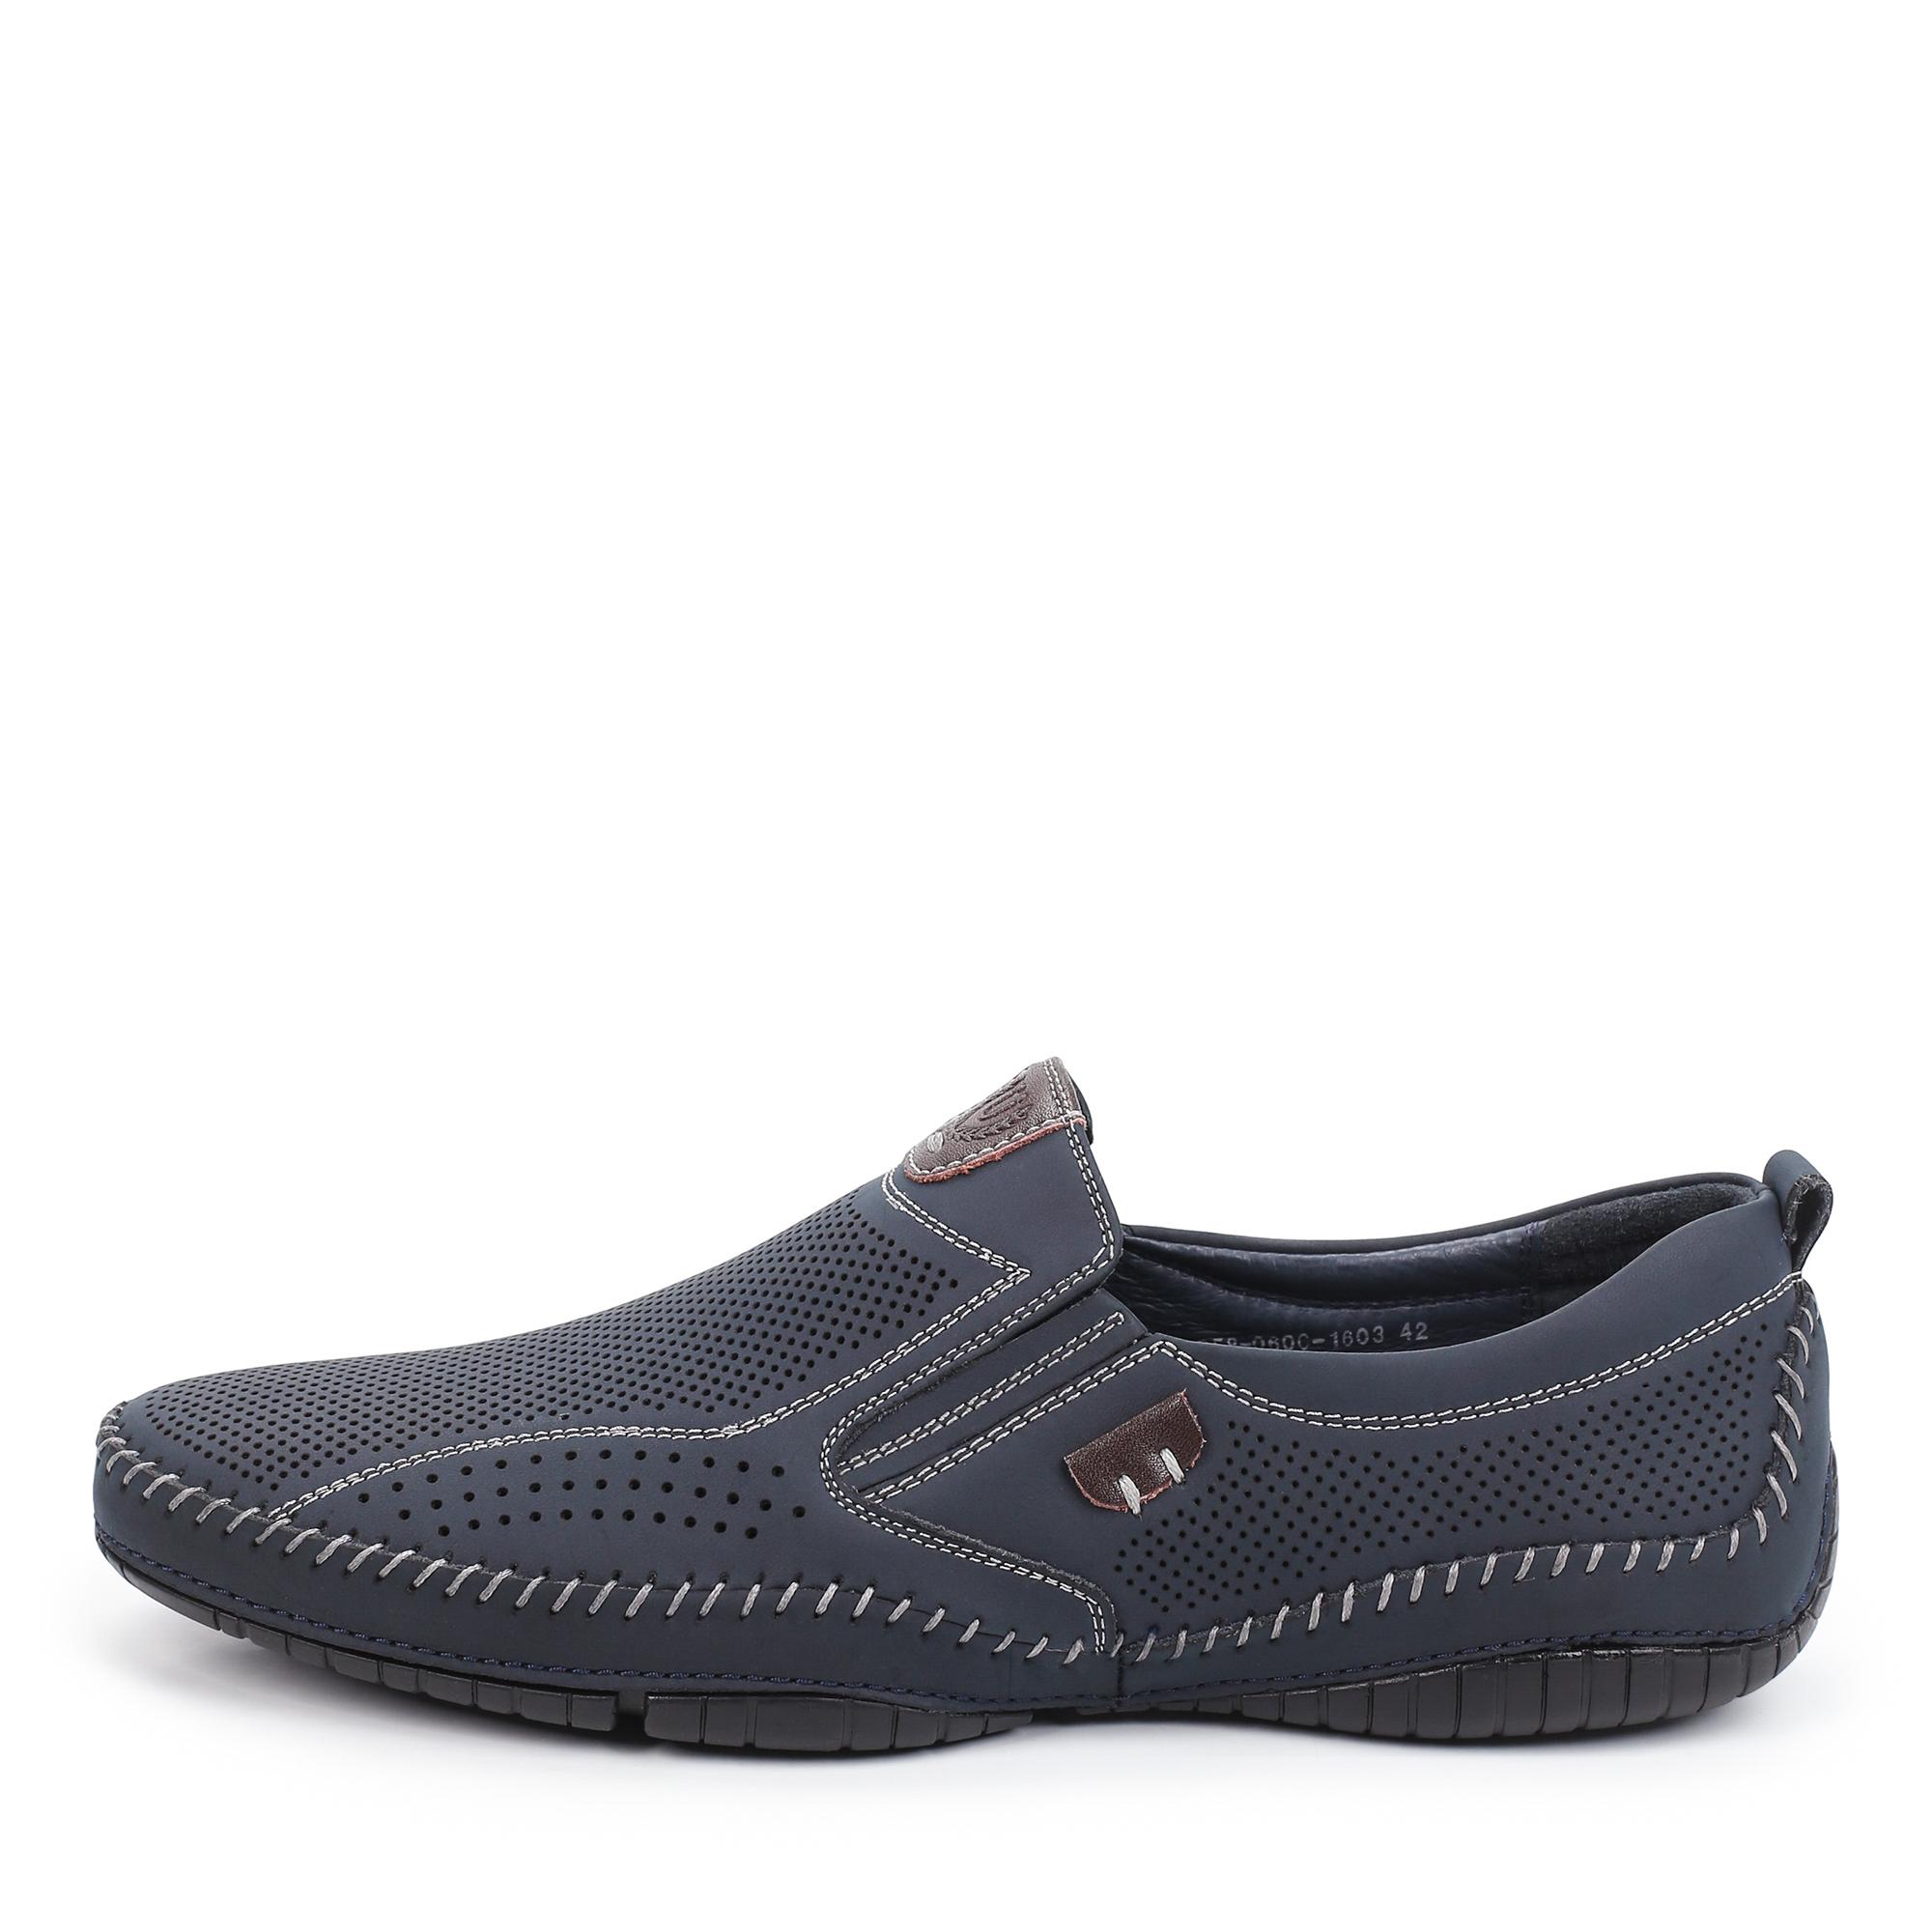 Туфли/полуботинки MUNZ Shoes 058-060C-1603